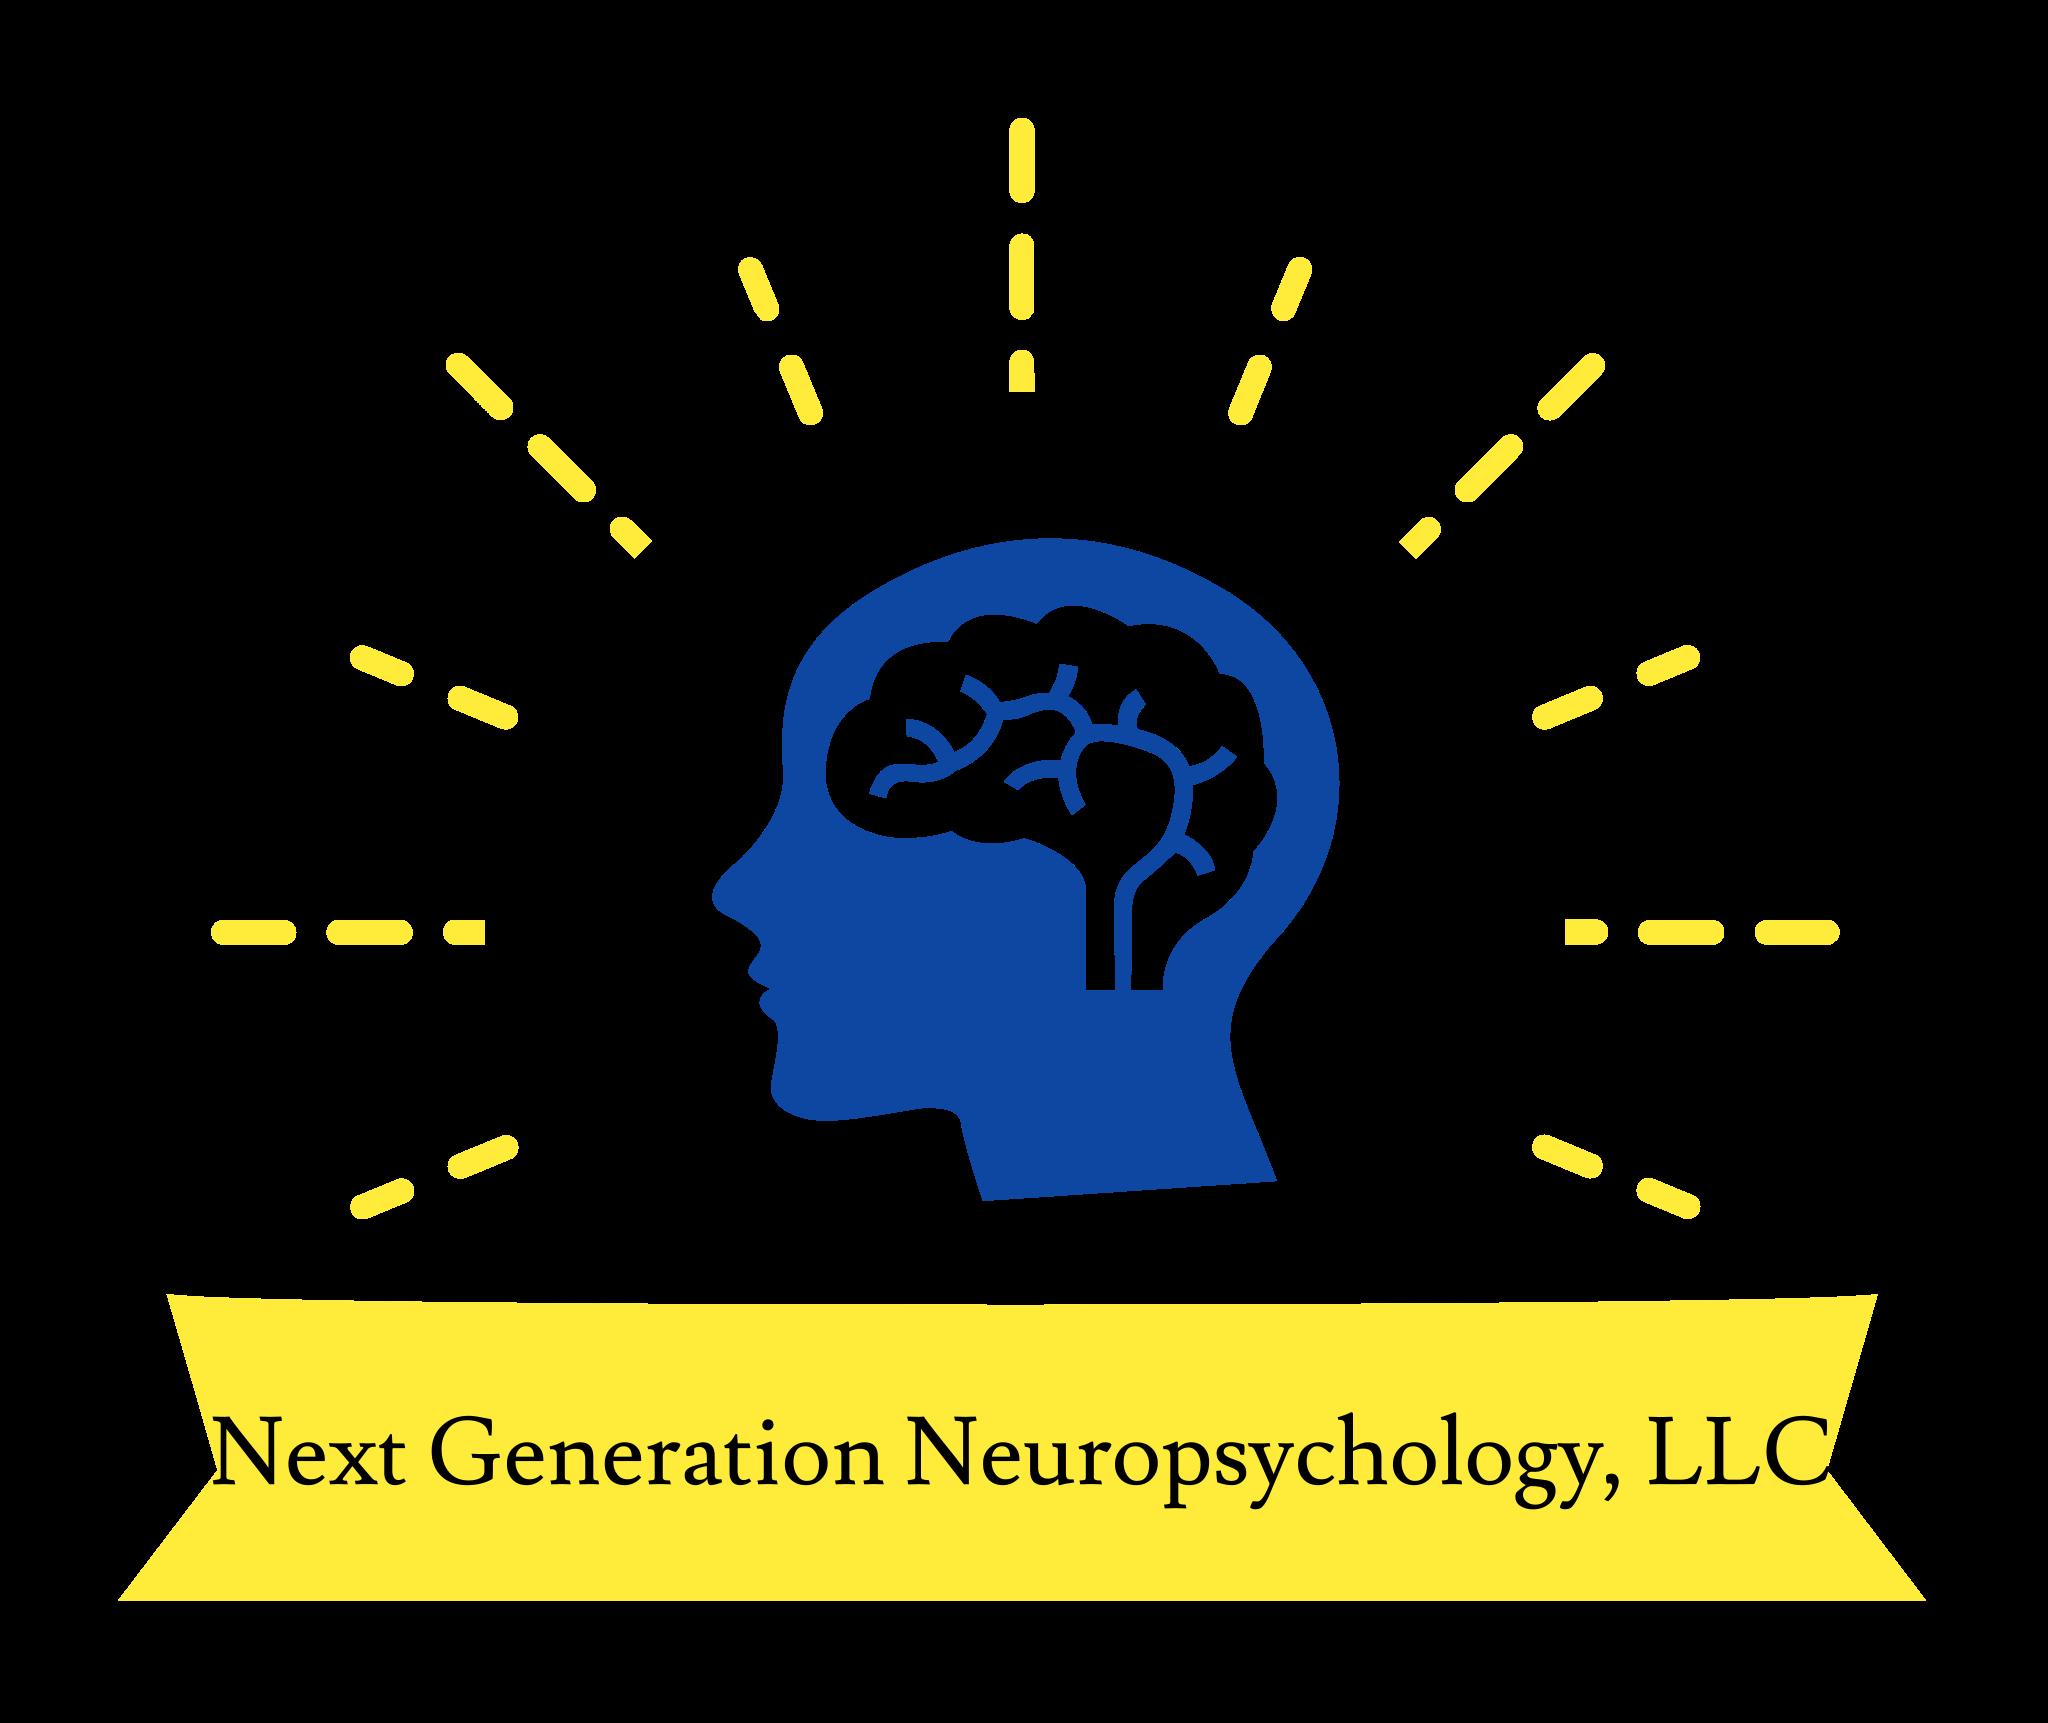 Next Generation Neuropsychology LLC